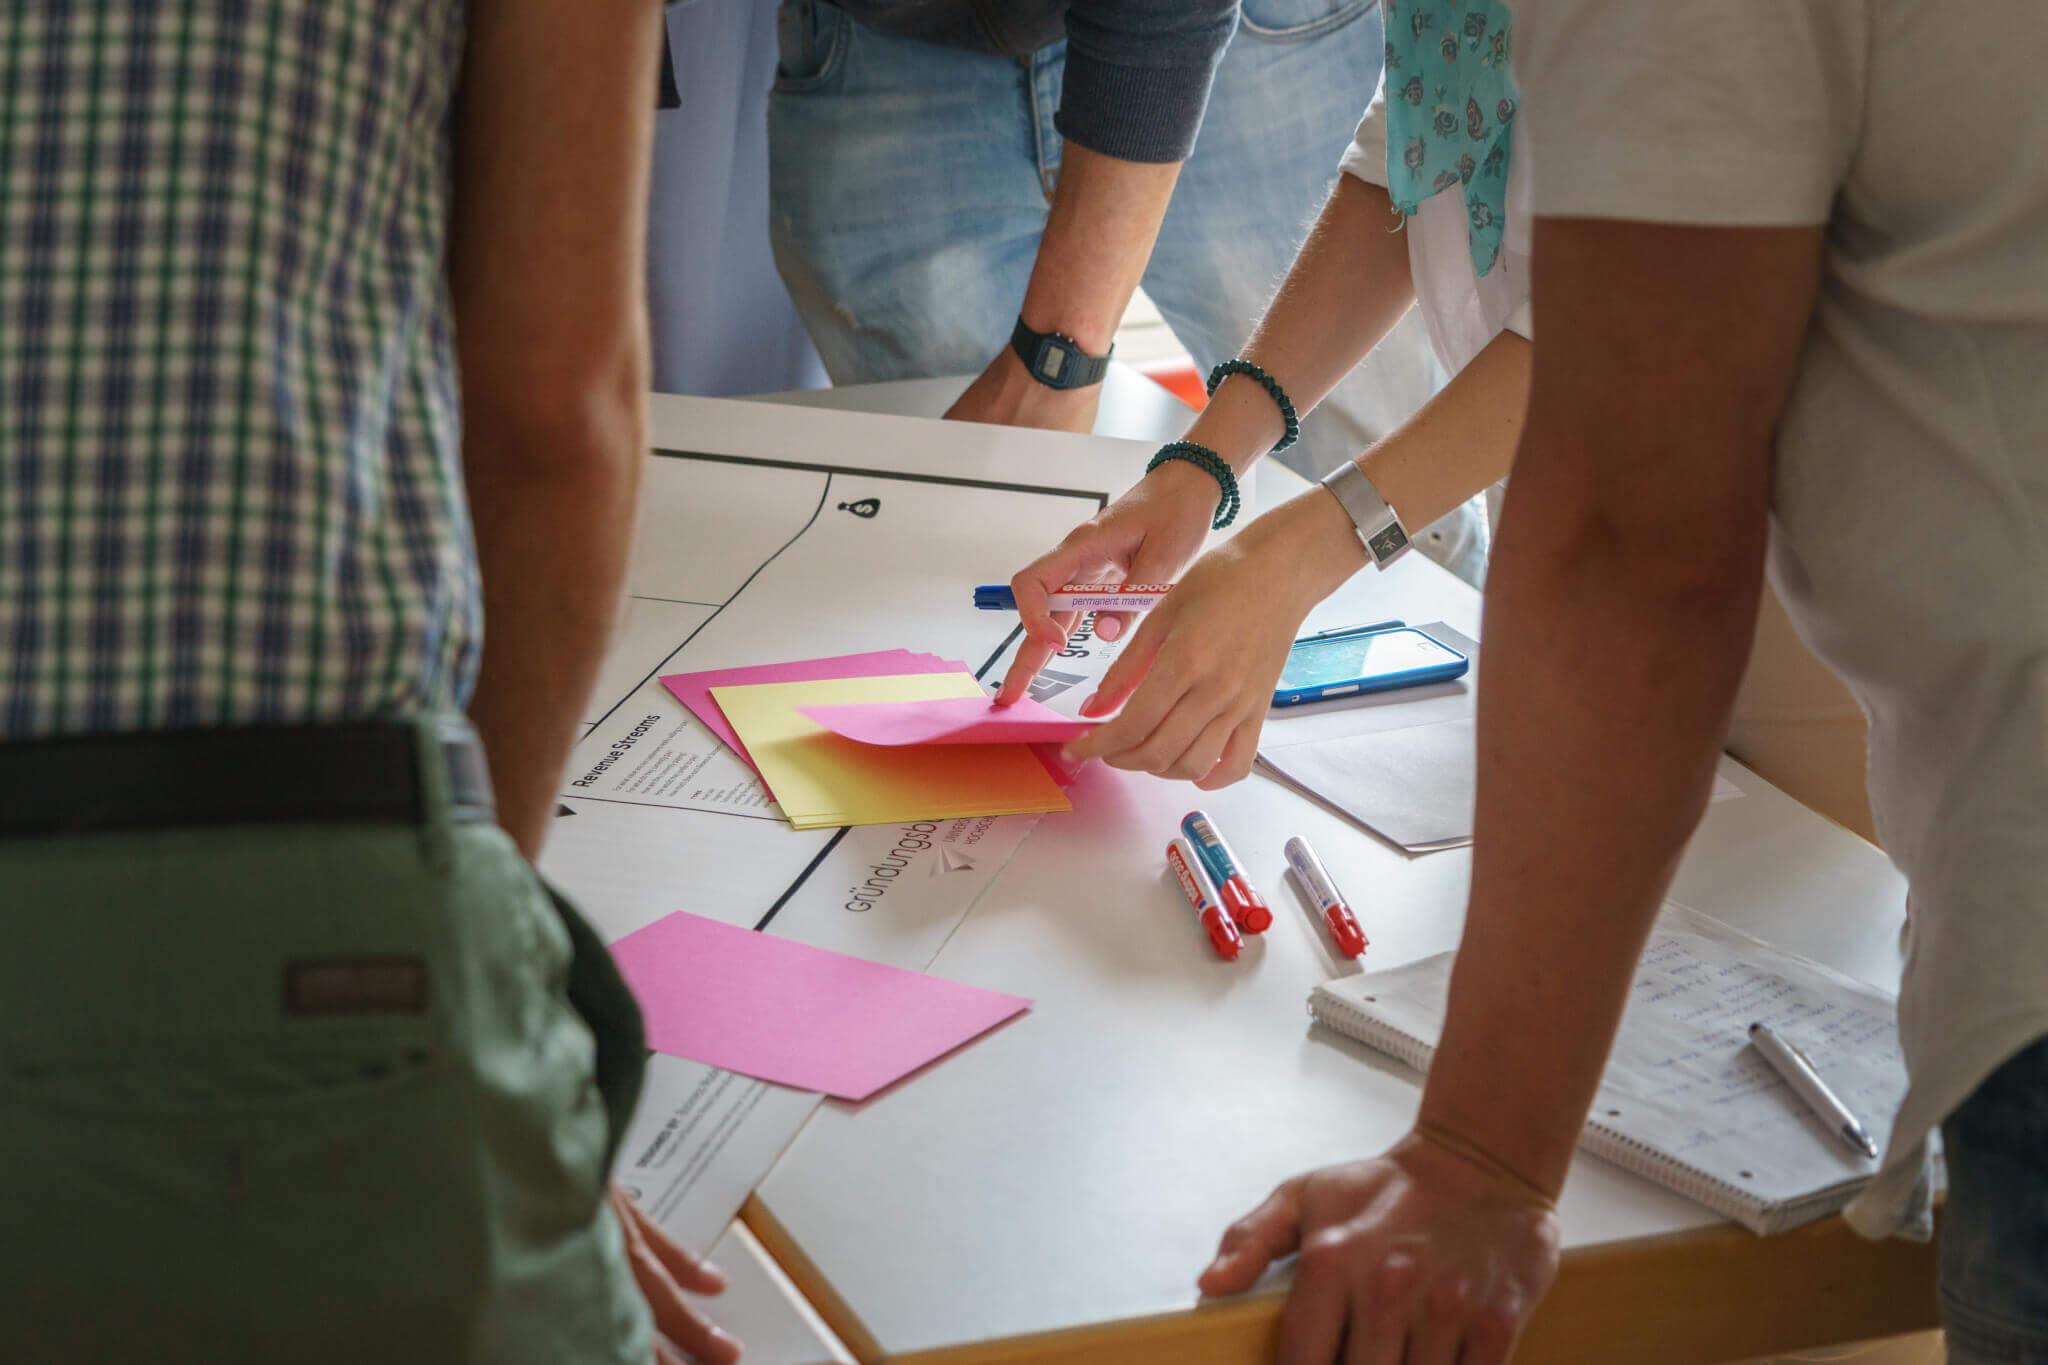 Im Brainstorming können tolle Verbesserungsvorschläge entstehen (c) ulrichw / pixabay.de